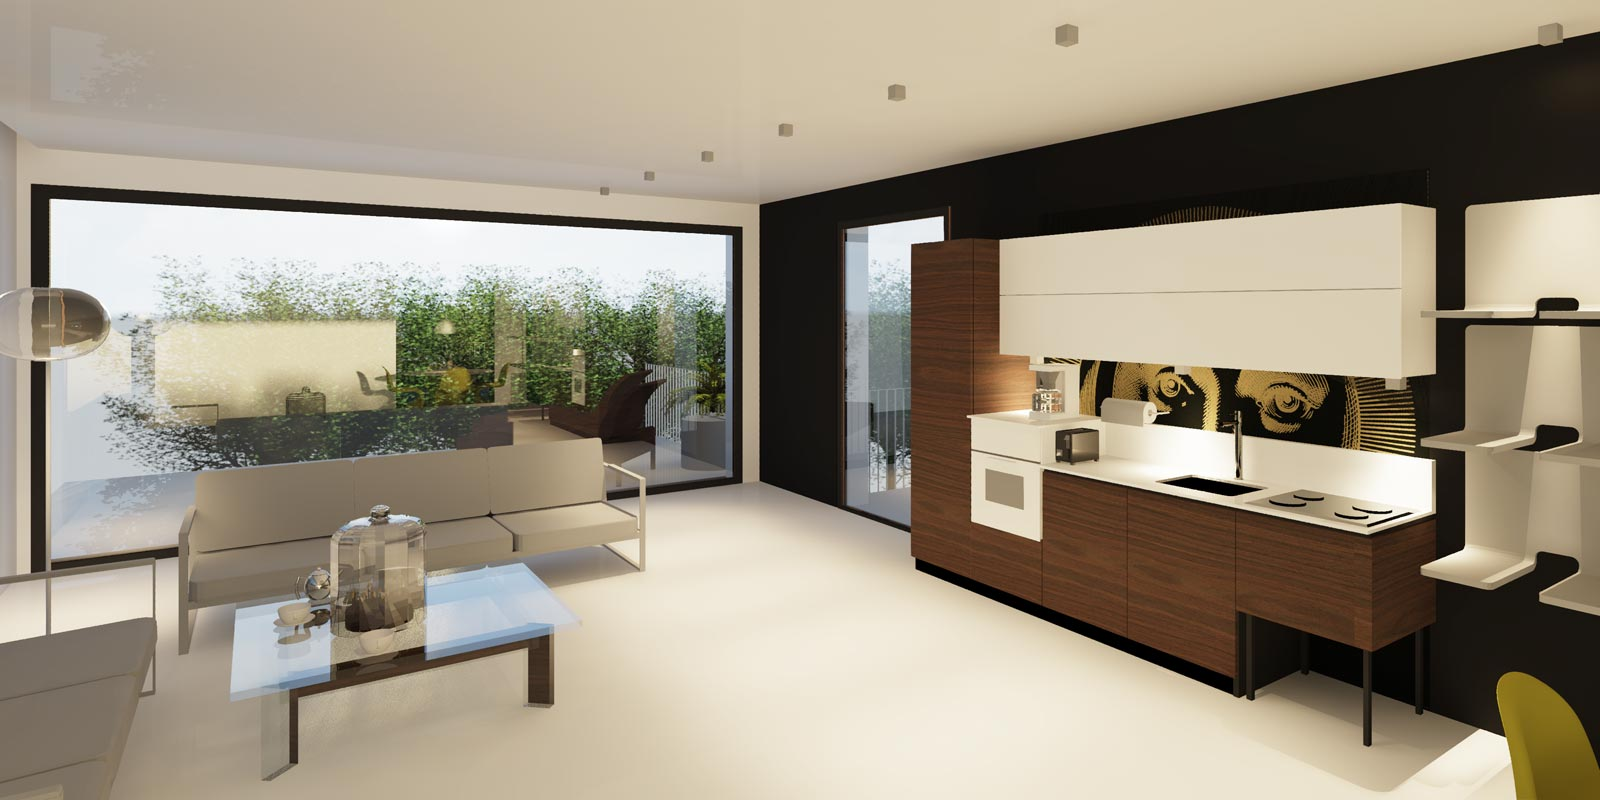 Rinnovare la cucina con replace design puoi sostituire le - Rinnovare la cucina ...